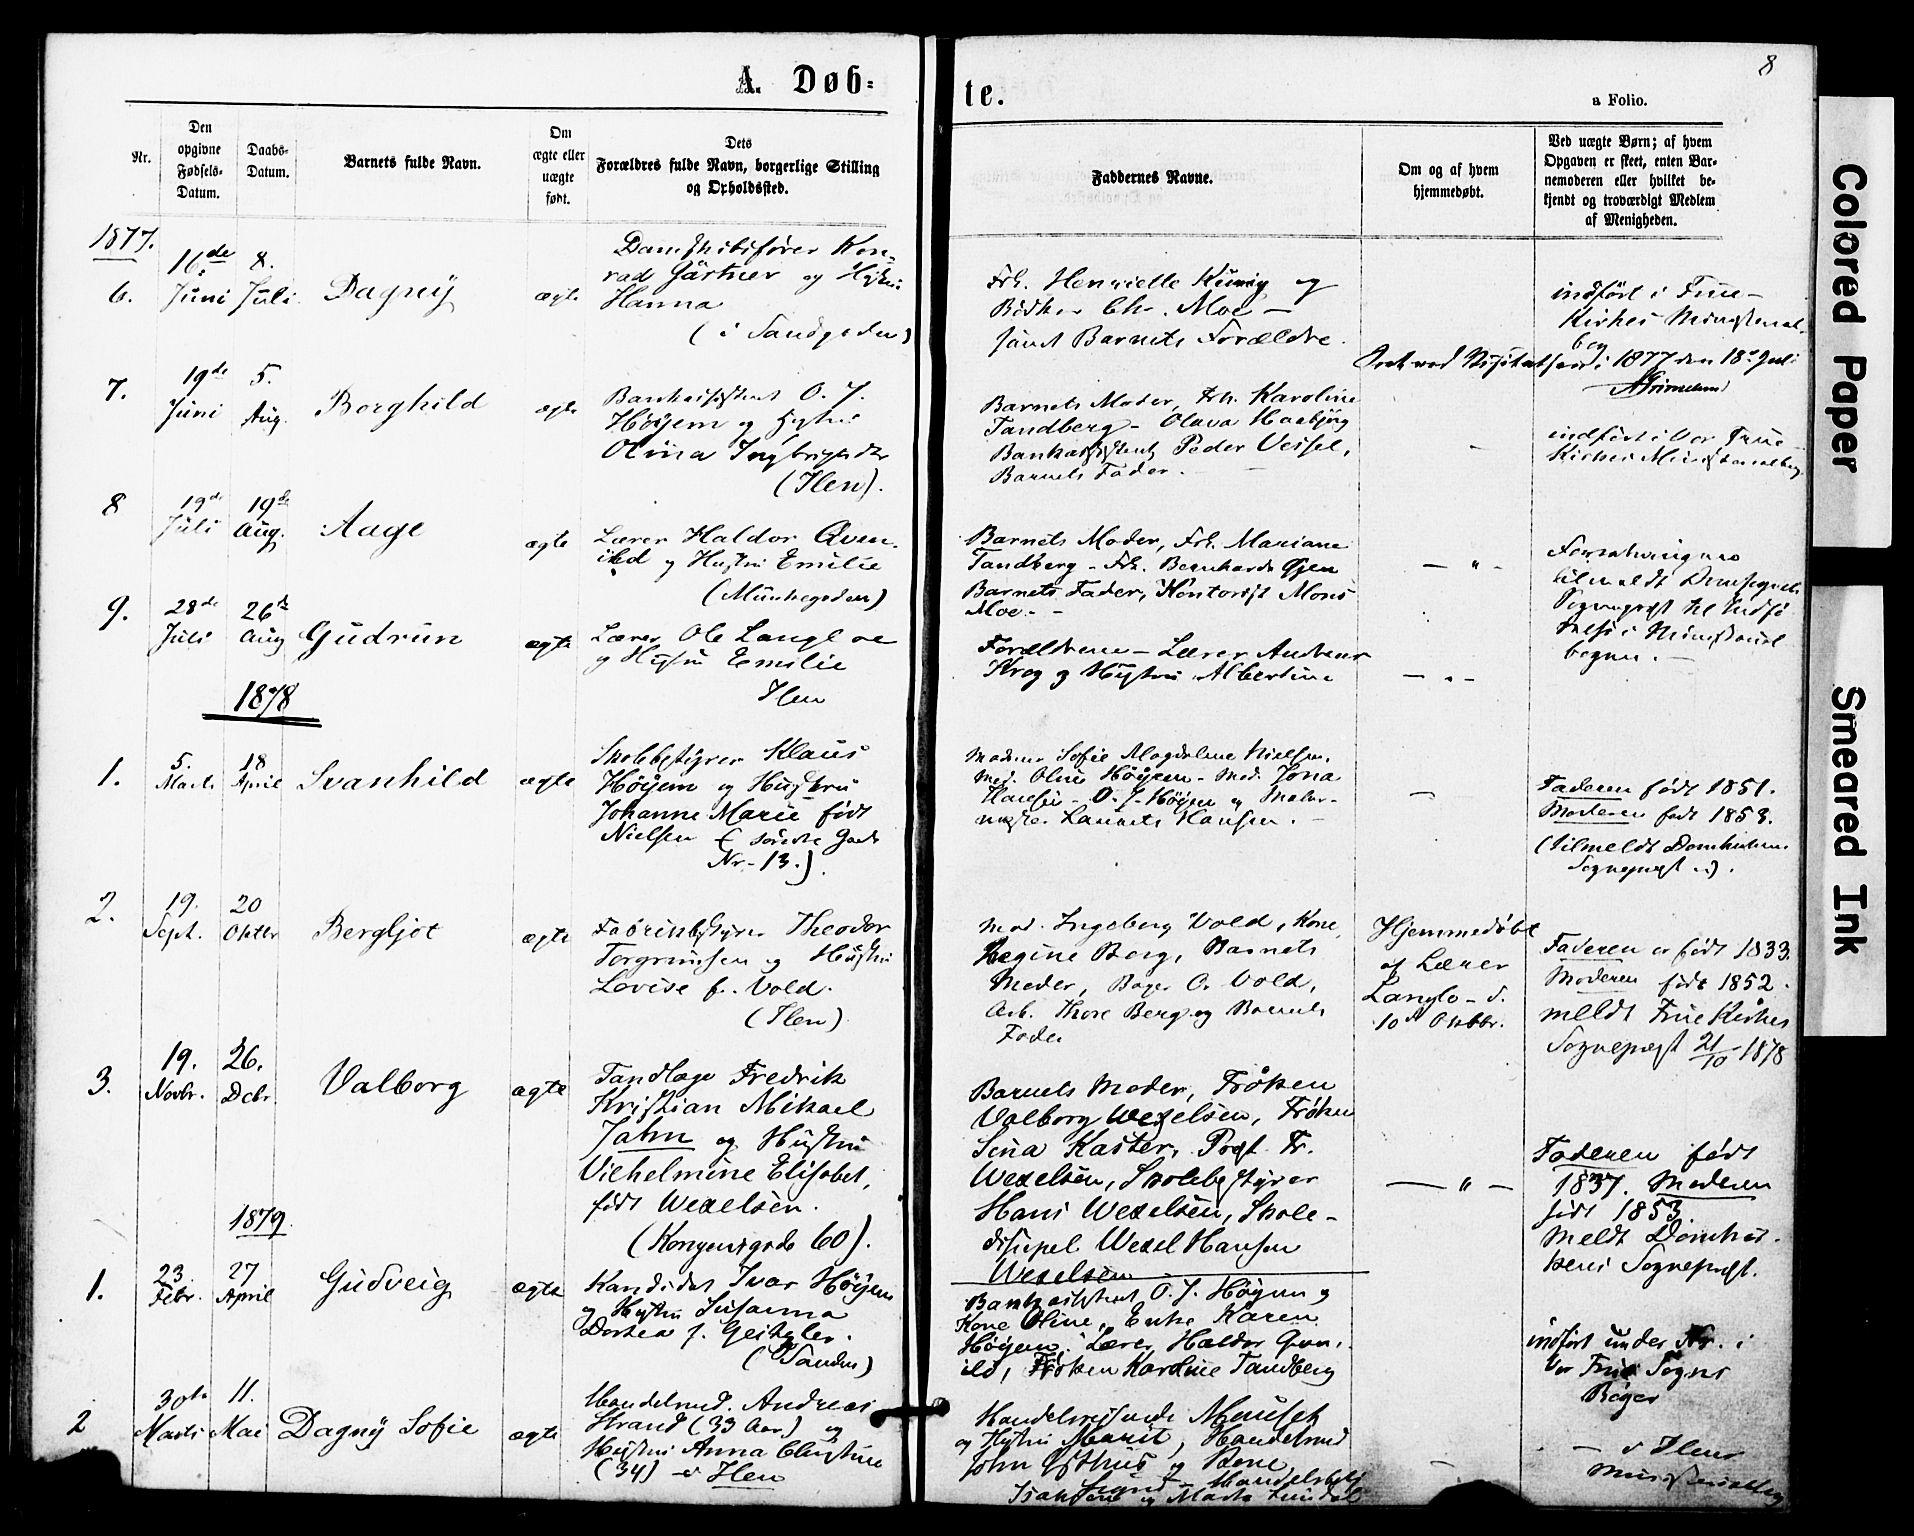 SAT, Ministerialprotokoller, klokkerbøker og fødselsregistre - Sør-Trøndelag, 623/L0469: Ministerialbok nr. 623A03, 1868-1883, s. 8